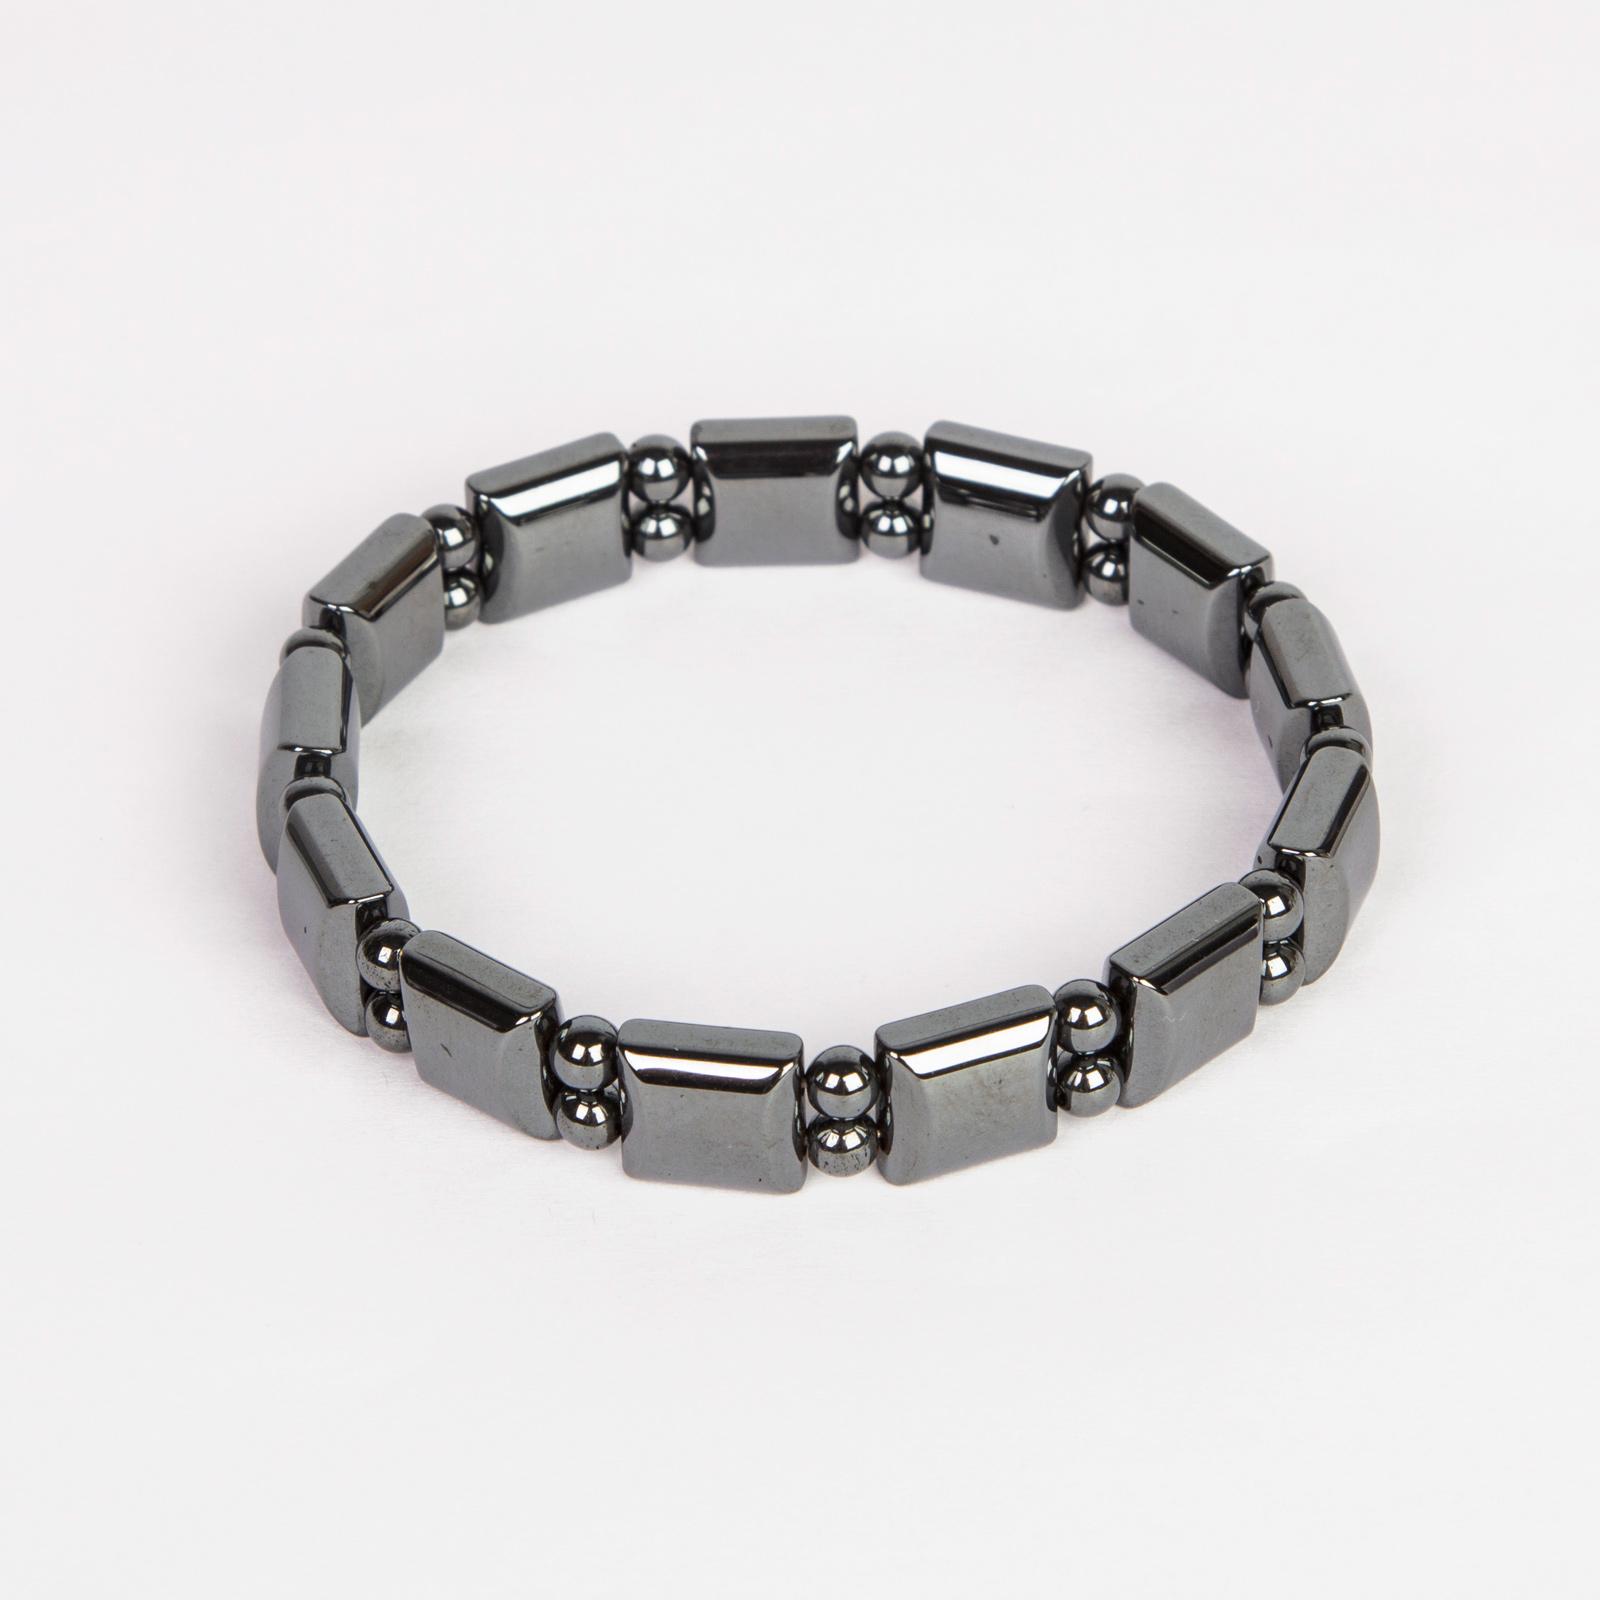 Браслет «Мимолетное очарование» купить браслет пандора в интернет магазине оригинал